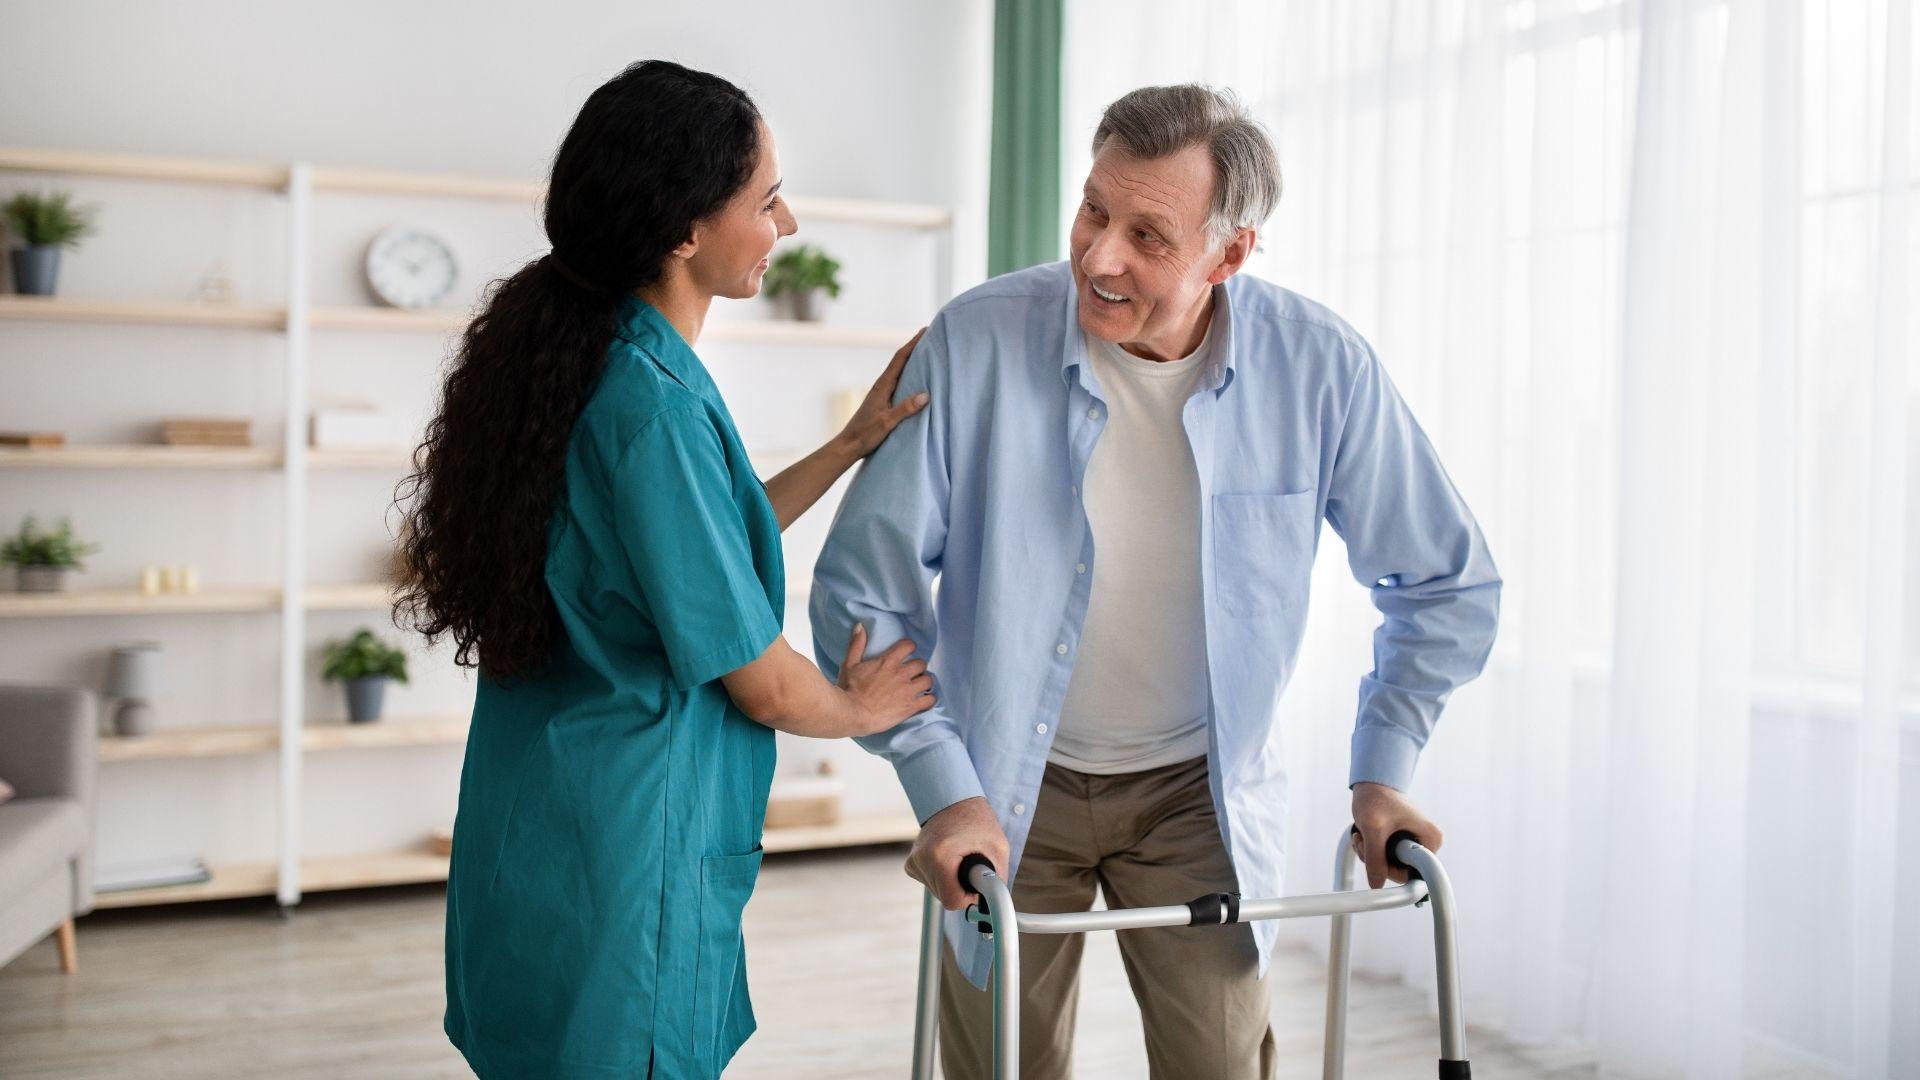 Ejercicios rehabilitación del equilibrio tras ictus